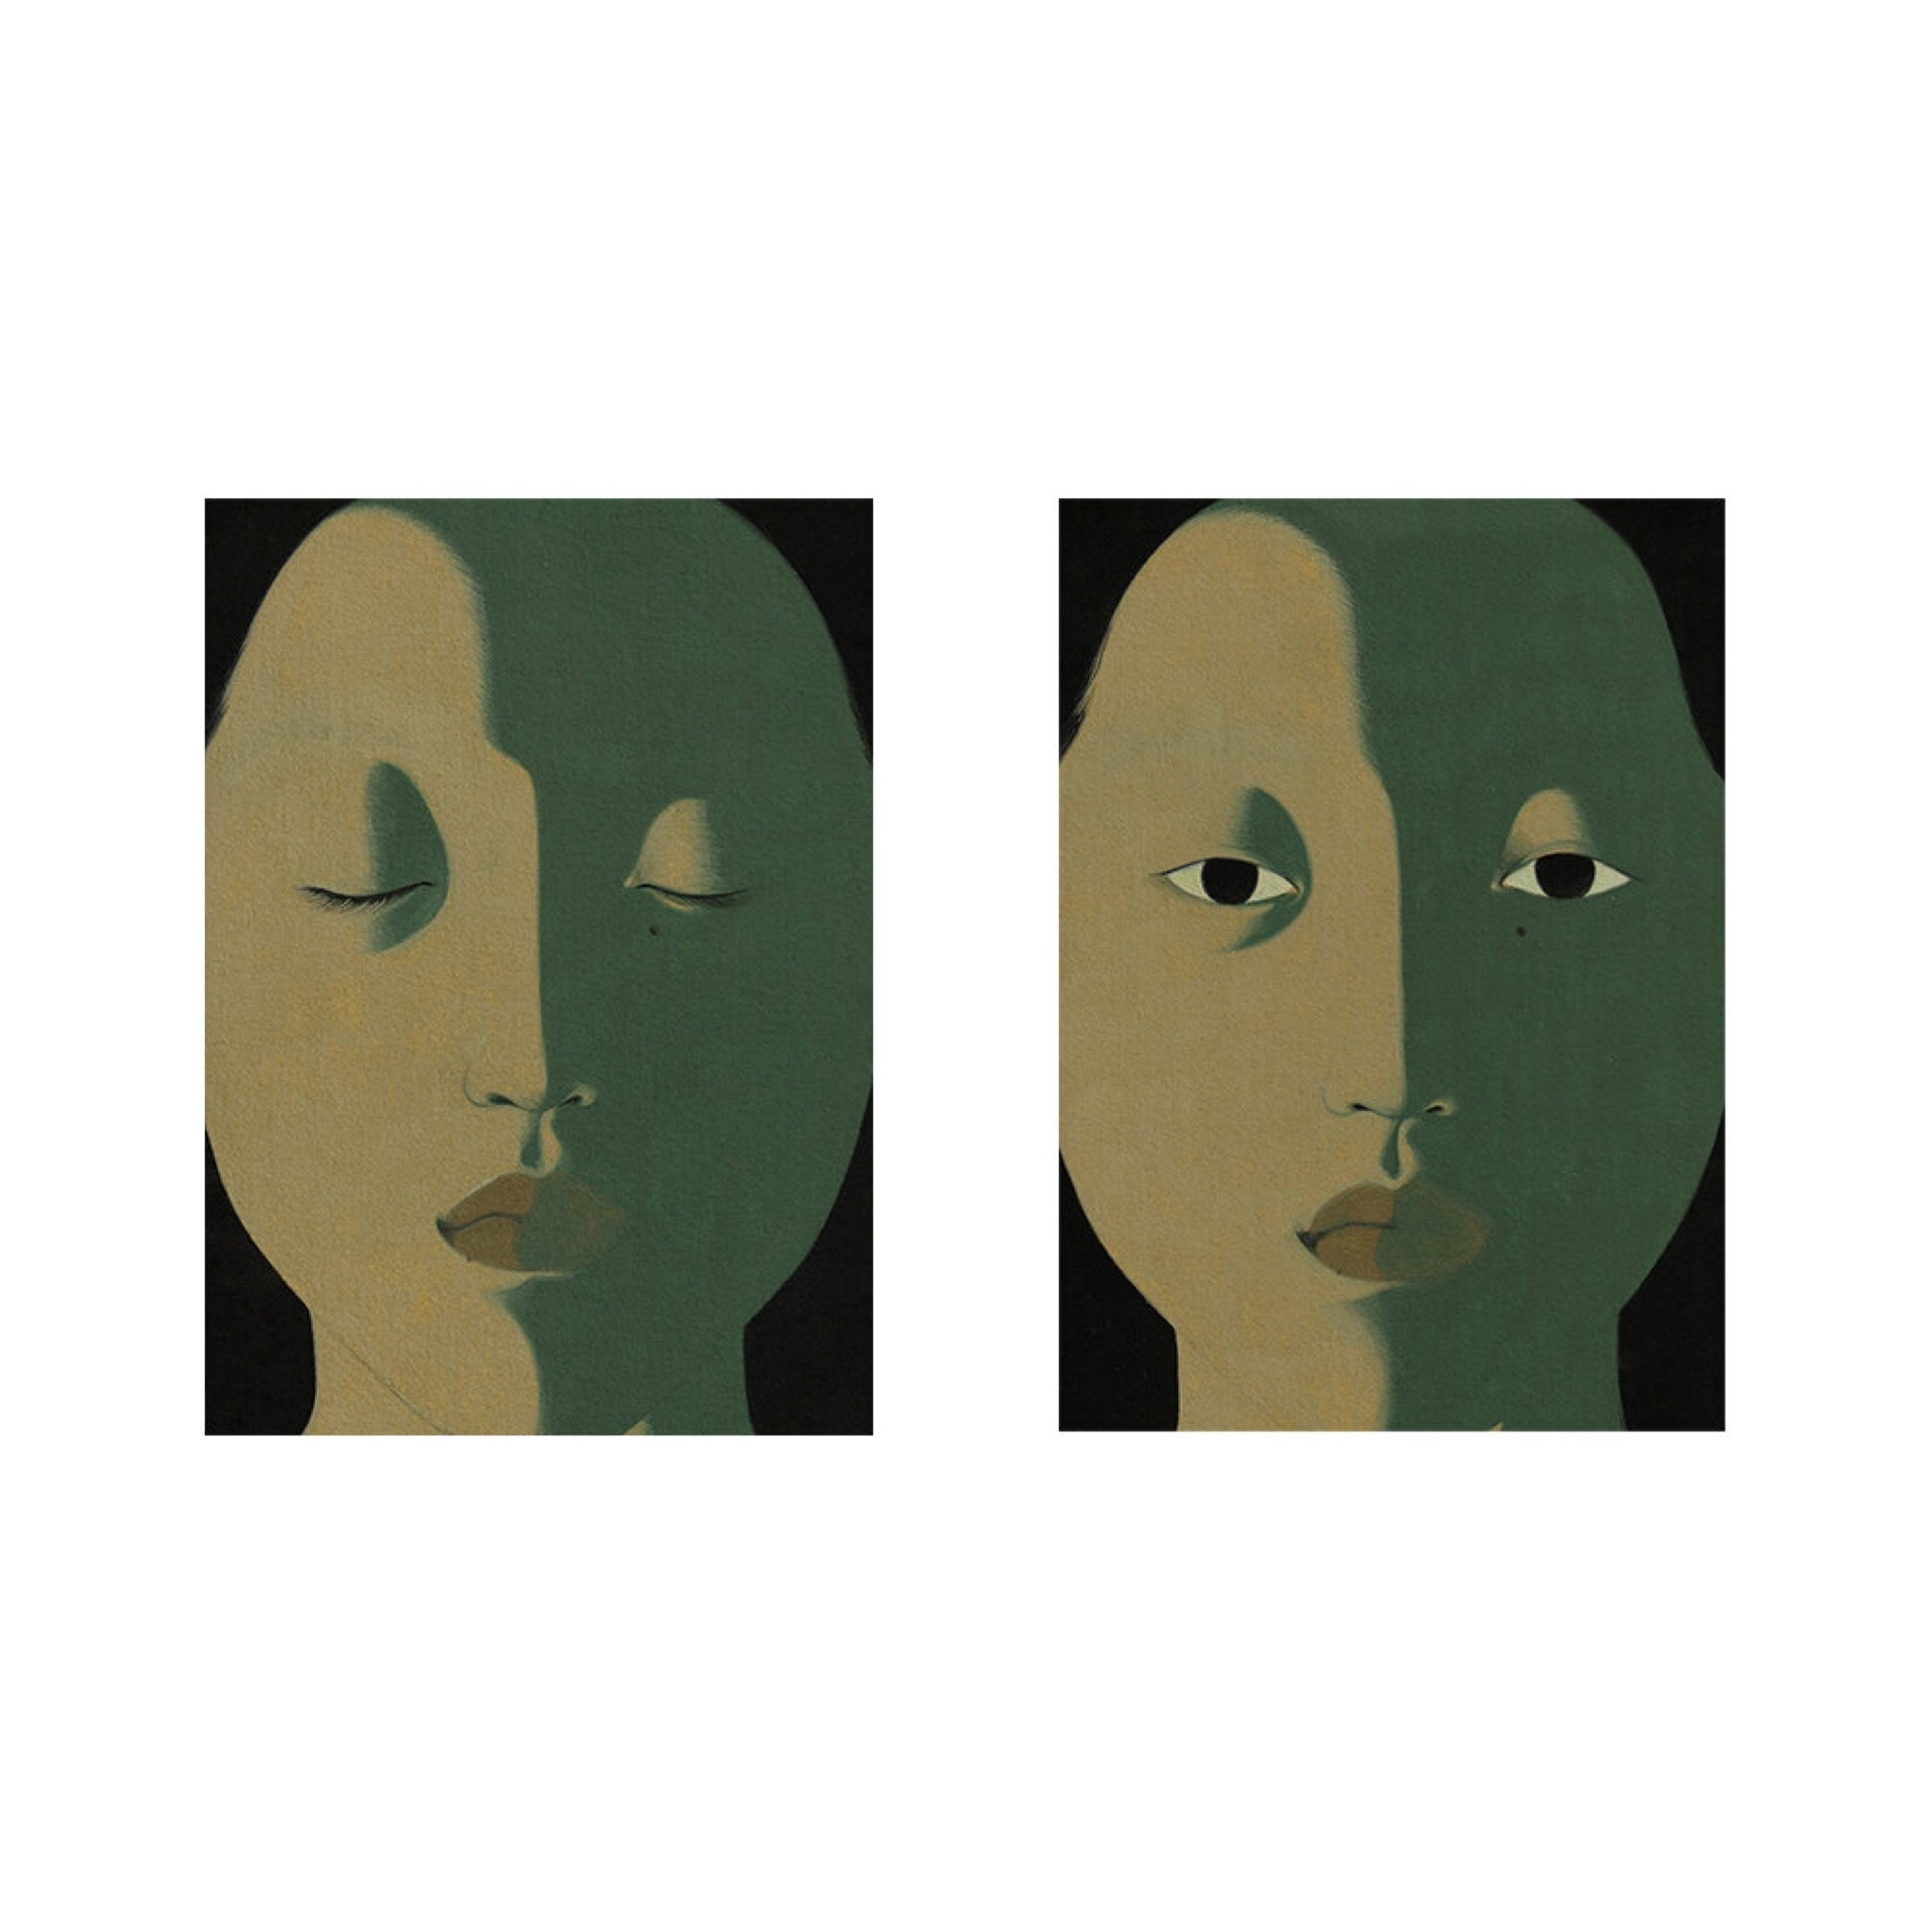 03-1-POST-RANDOM-ART-8-2